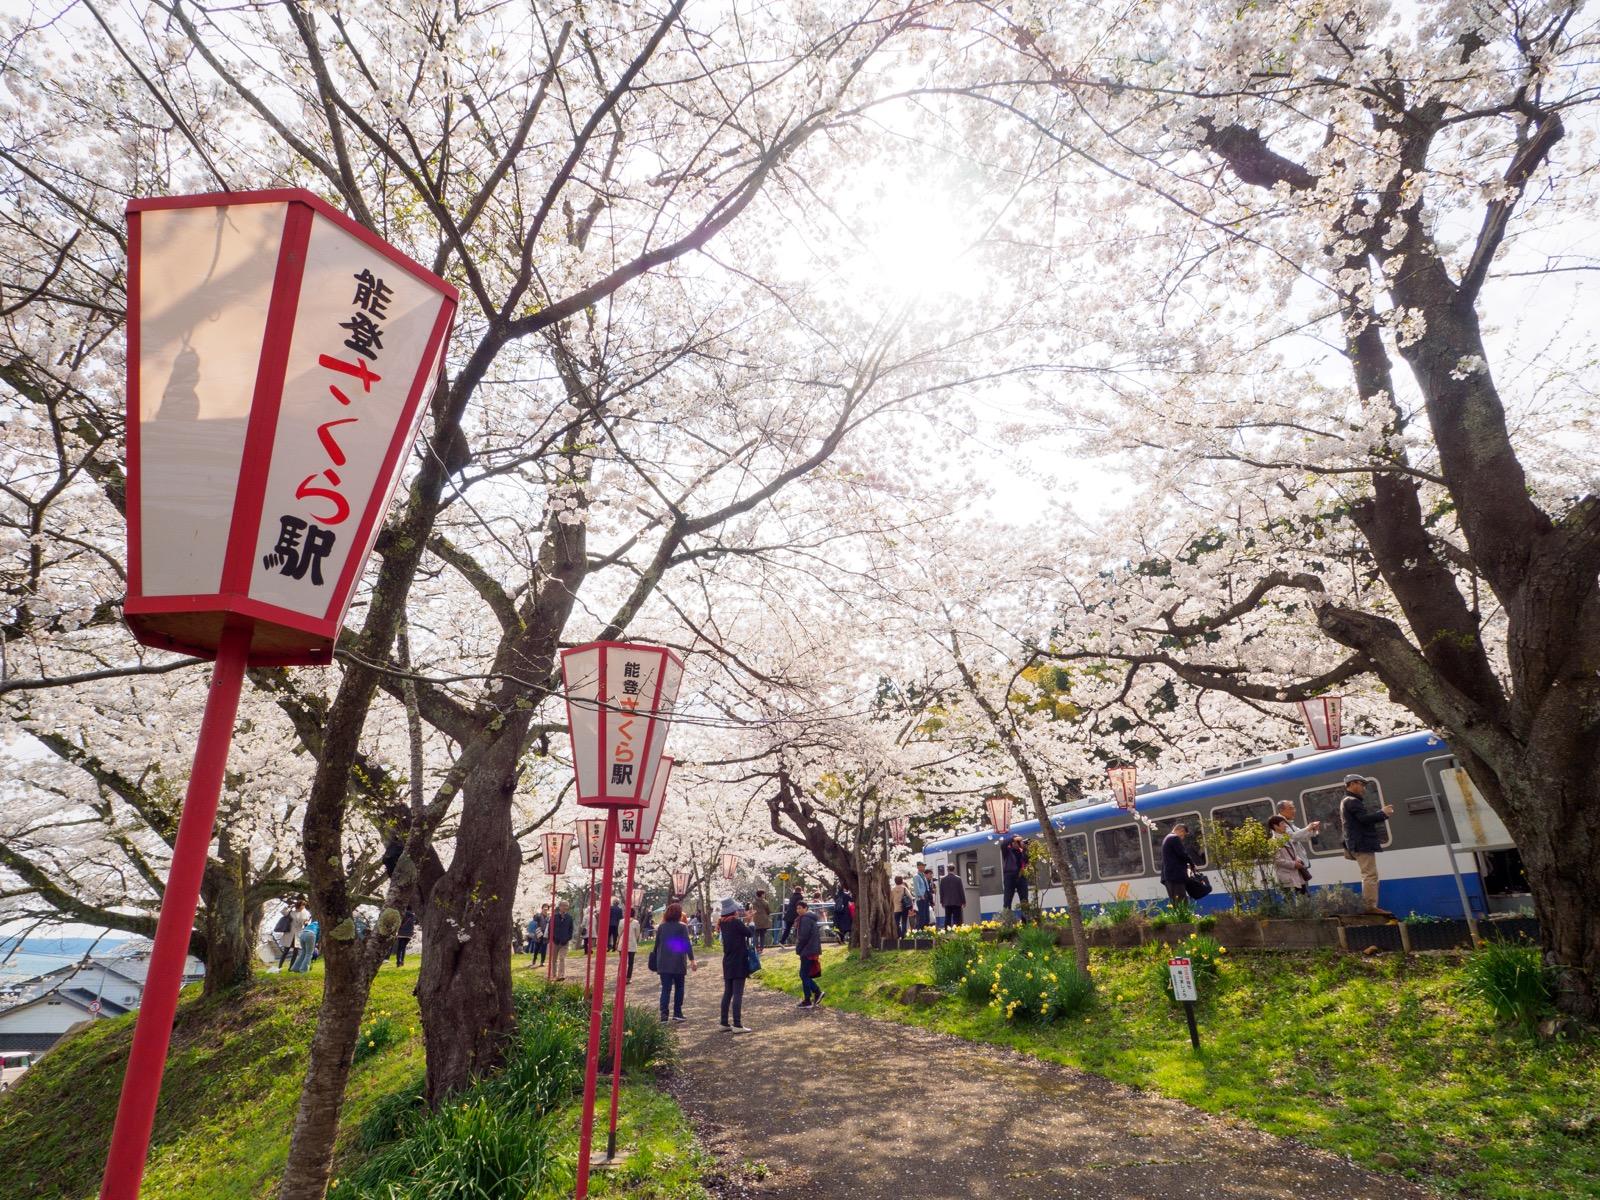 能登鹿島駅(能登さくら駅)の桜並木